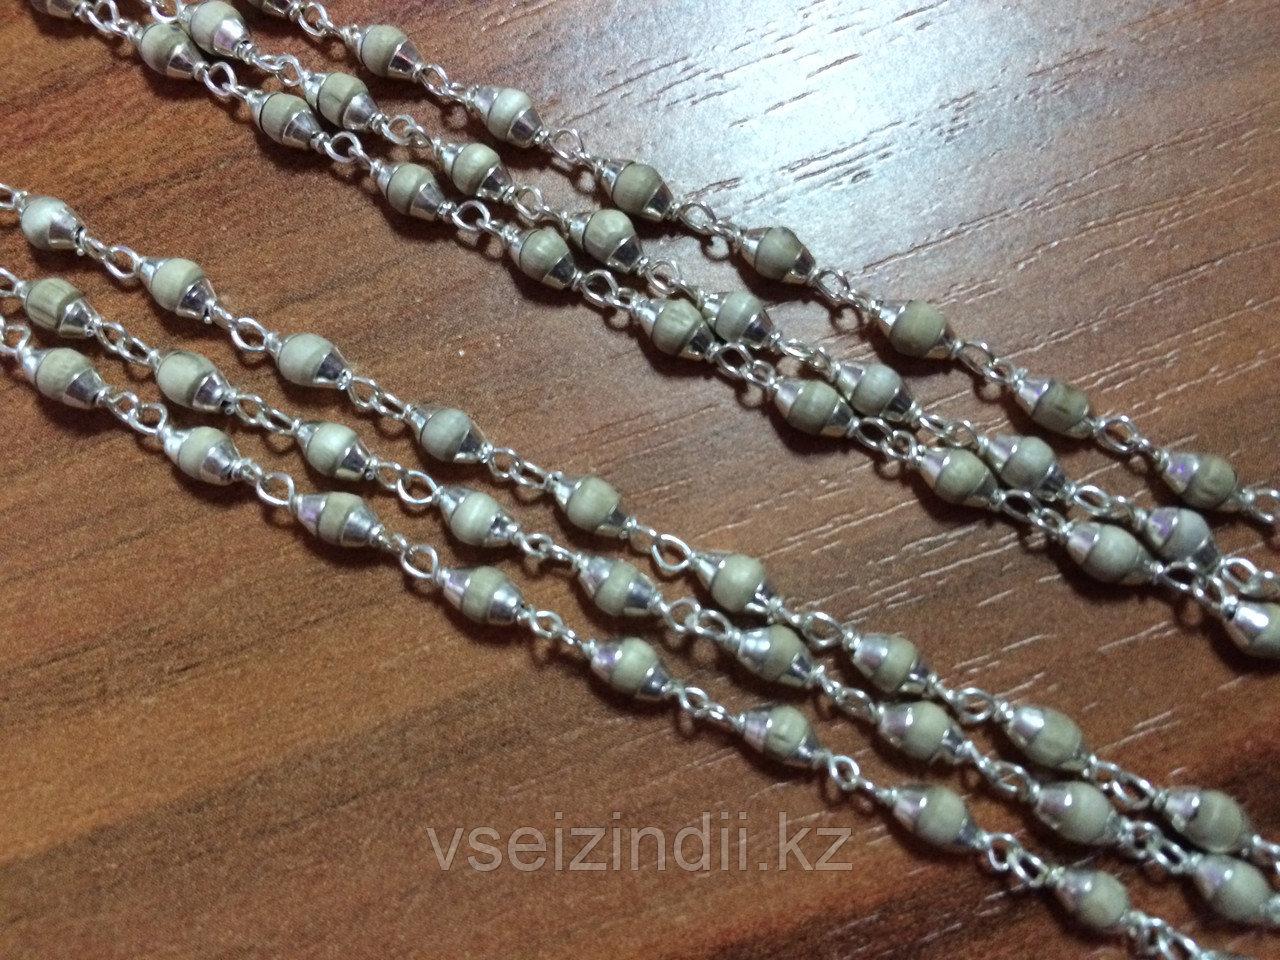 Катхиматы в серебре с Туласи, светлые, в три оборота, мелкие.